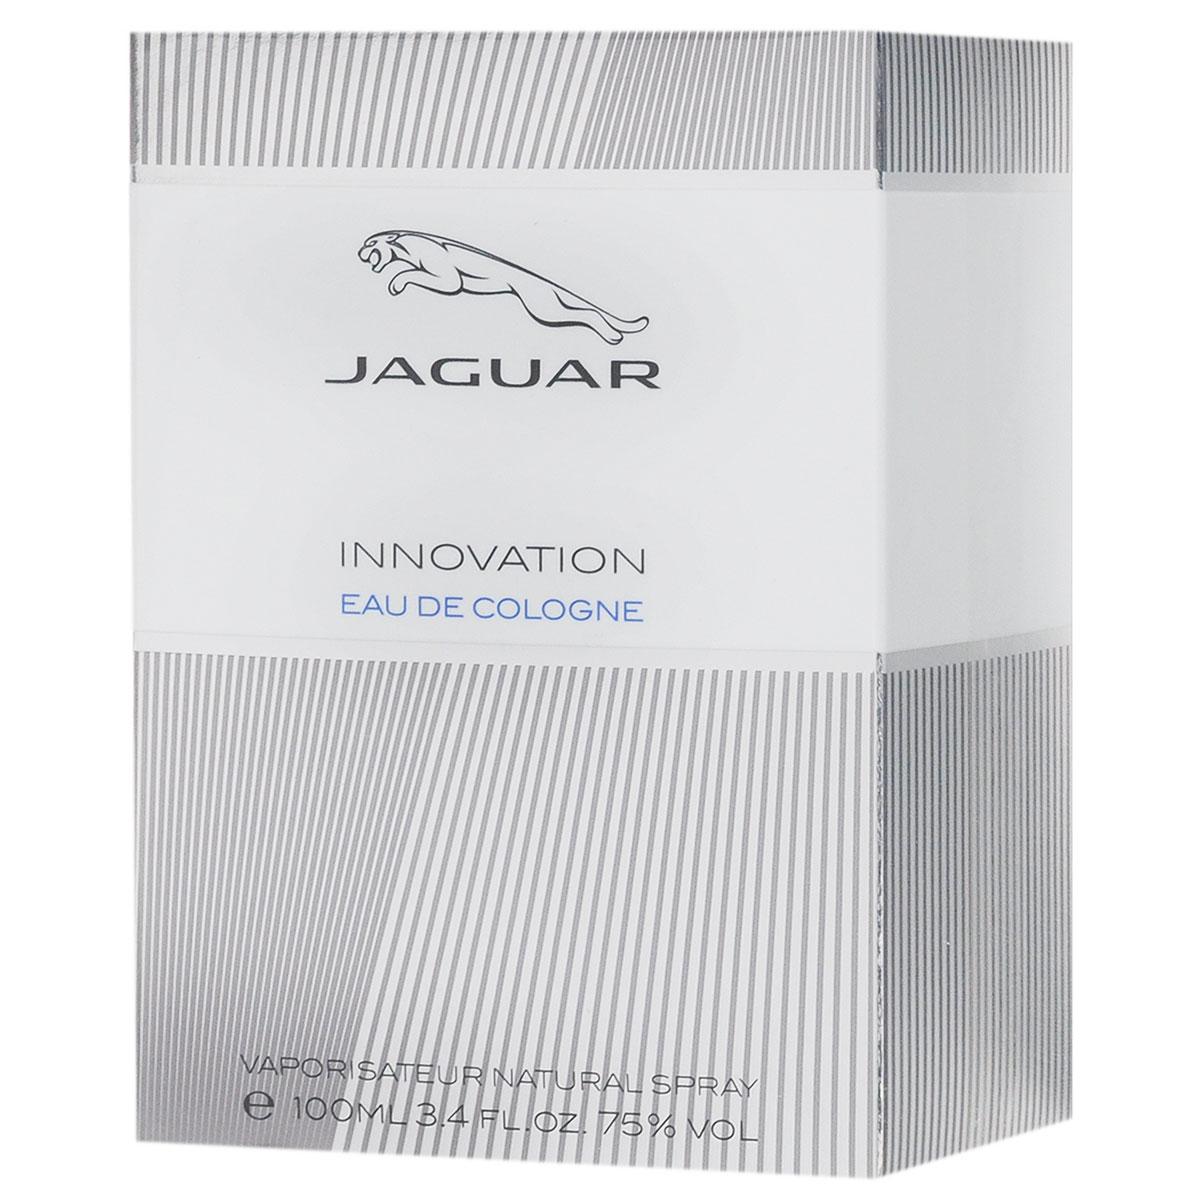 Jaguar Innovation Одеколон мужской 100 млJ590312Великолепный аромат открывается игристыми нотами бергамота и мандарина, приправленными нотами кориандра. Богатые ноты сердца состоят из чувственного ириса, пачули и кедровых нот, придающих аромату насыщенность и стойкость. Композиция завершается аккордами кожи, мускуса и ванили, тем самым, создавая прекрасную подпись для джентльмена. Семейство ароматов: Древесно-Цитрусовый Парфюмер: Michel Almairac, Robertet, Paris Год выпуска: 2014 Начальная нота: Бергамот, Мандарин, Кориандр Ноты сердца: Ирис, Пачули, Кедровое дерево Базовые ноты: Кожа, Мускус, Ваниль